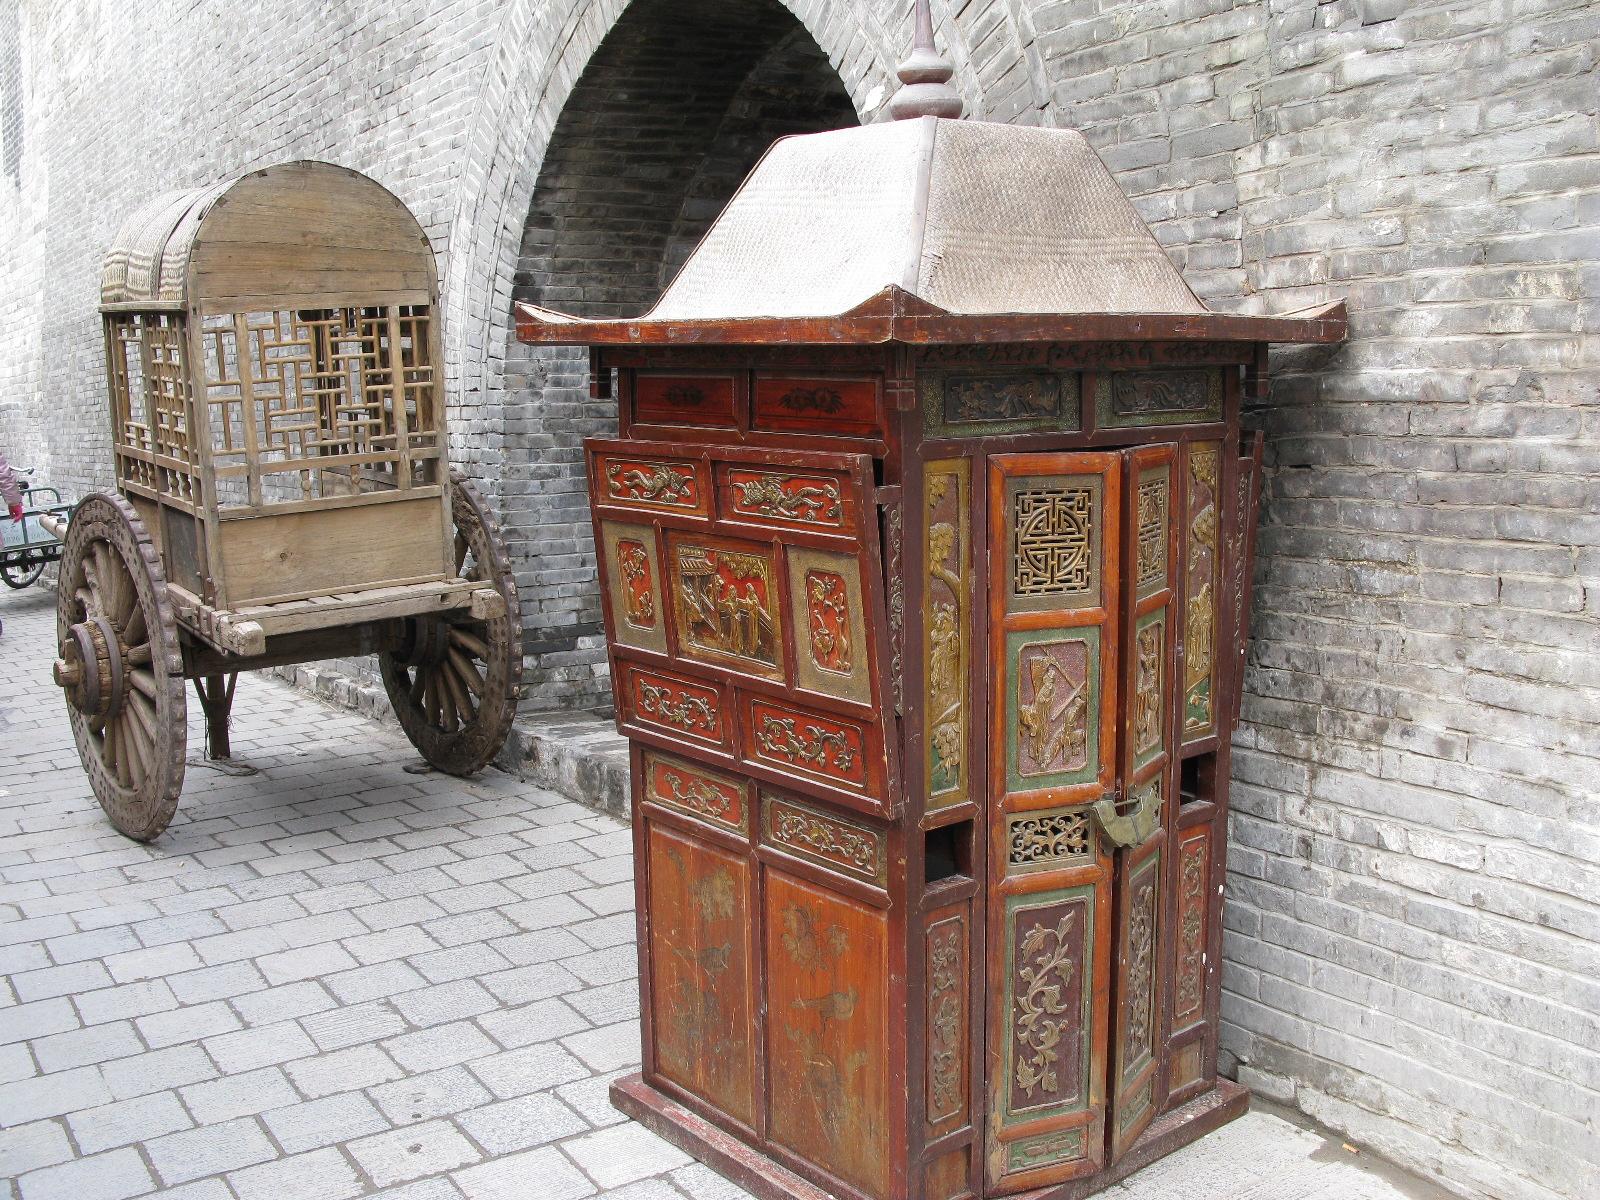 Carroça chinesa, ilustra a seção sobre textos das linhas de Ta Yu / Grandes Posses, um dos 64 hexagramas do I Ching, o Livro das Mutações